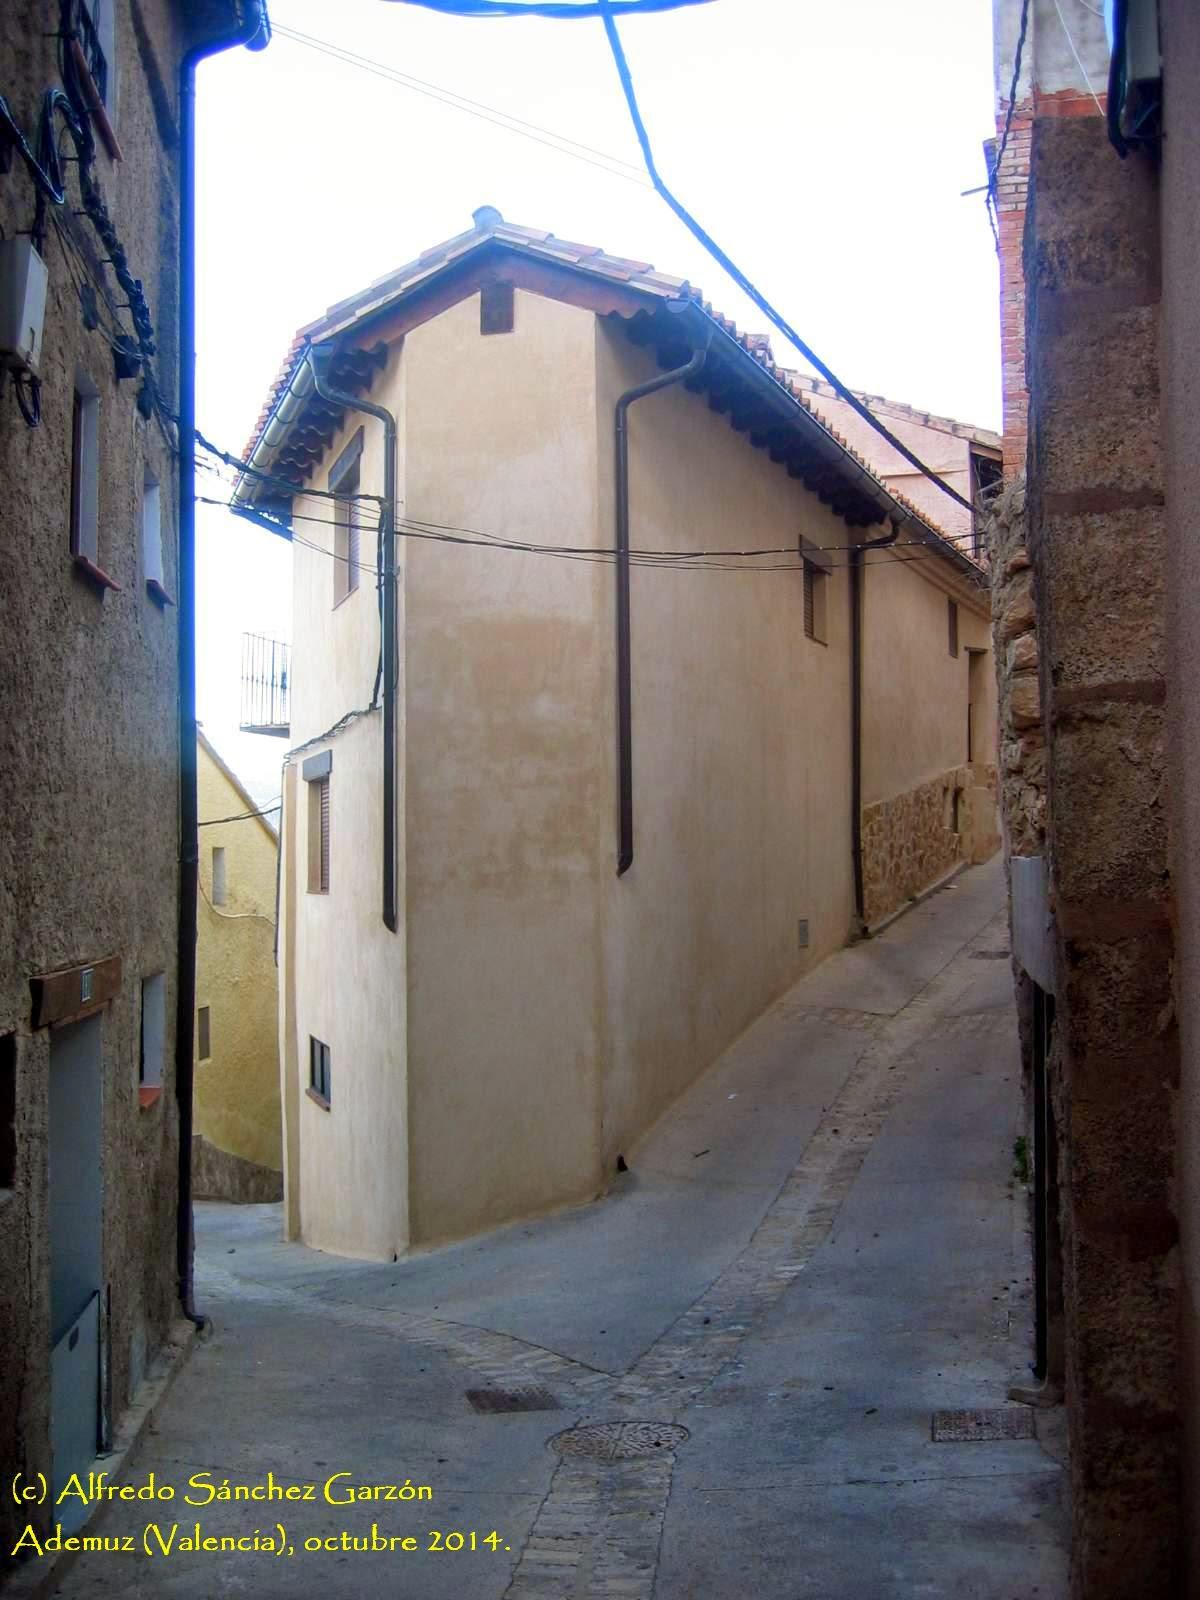 ademuz-valencia-calle-caserio